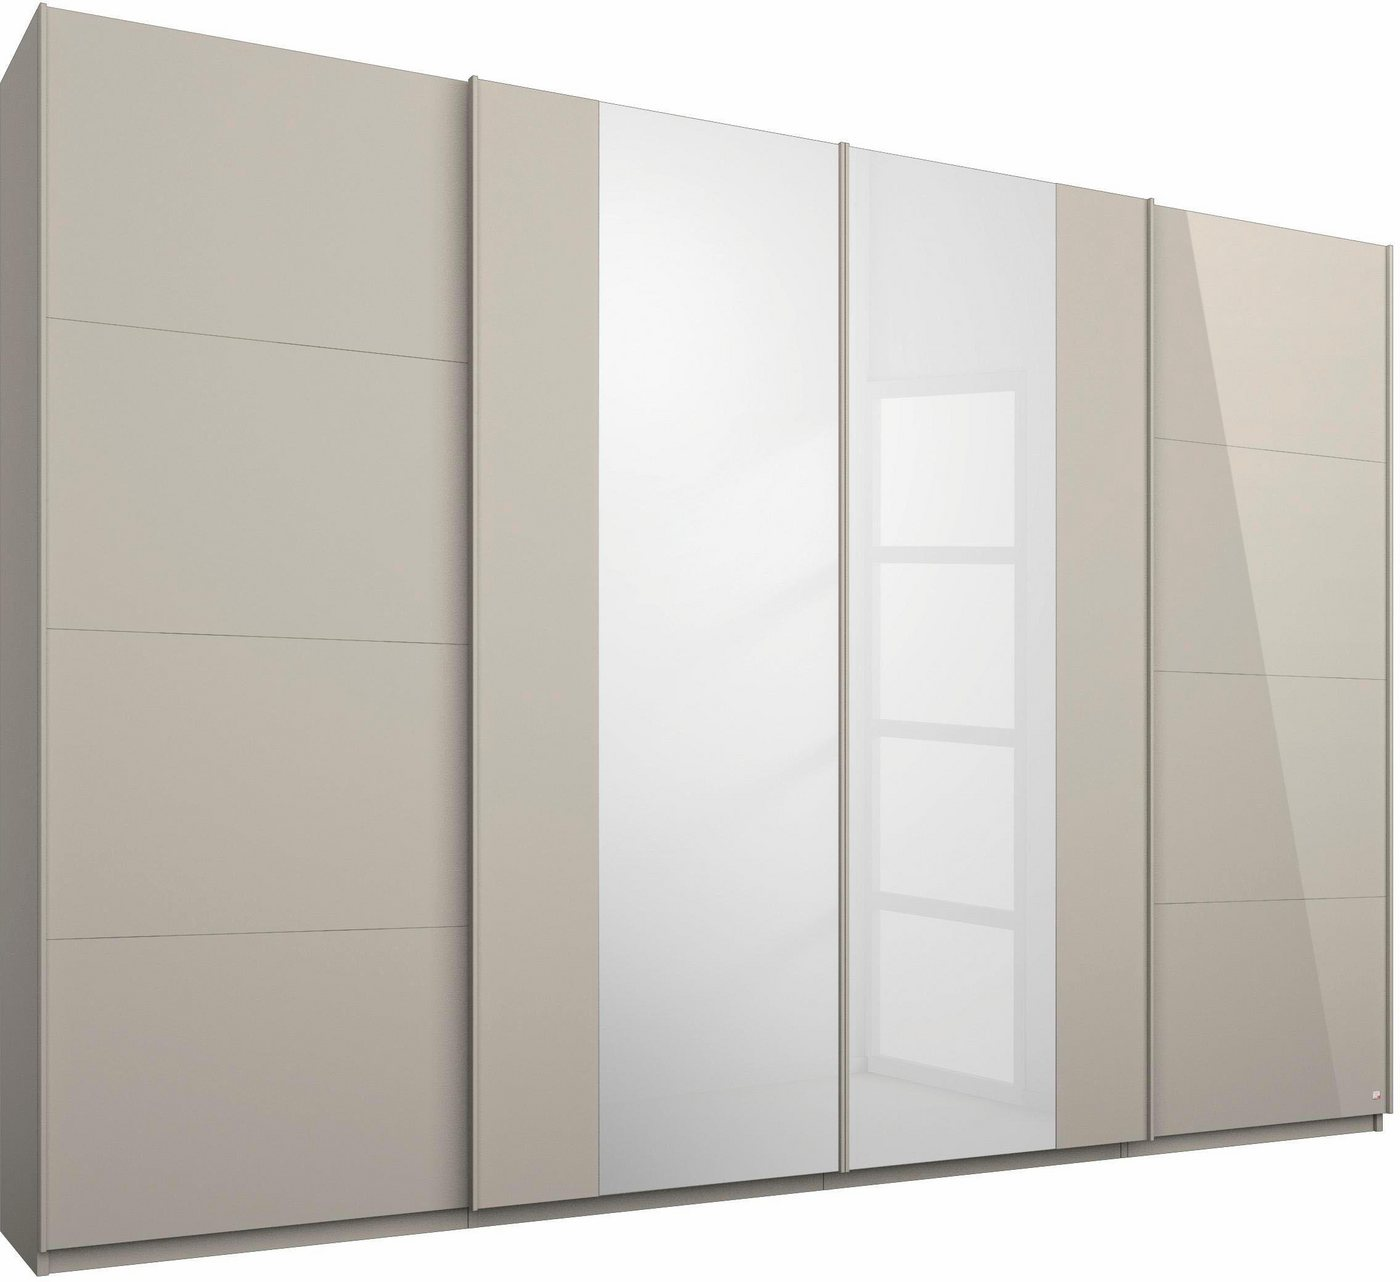 Roomed zweefdeurkast, 4-deurs